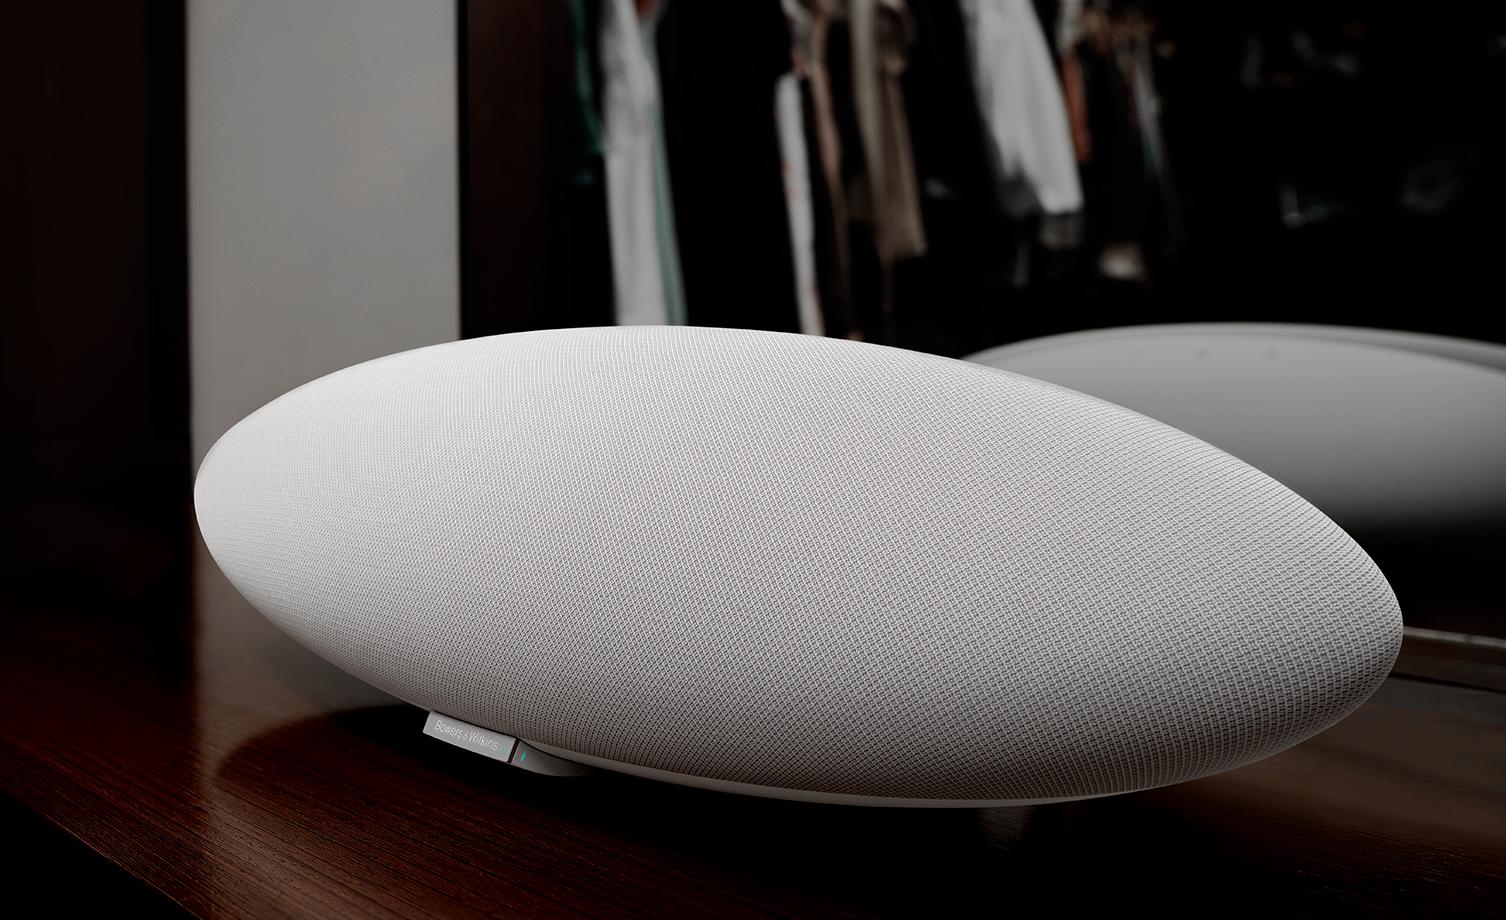 Bowers  U0026 Wilkins Zeppelin Wireless Speakers Review